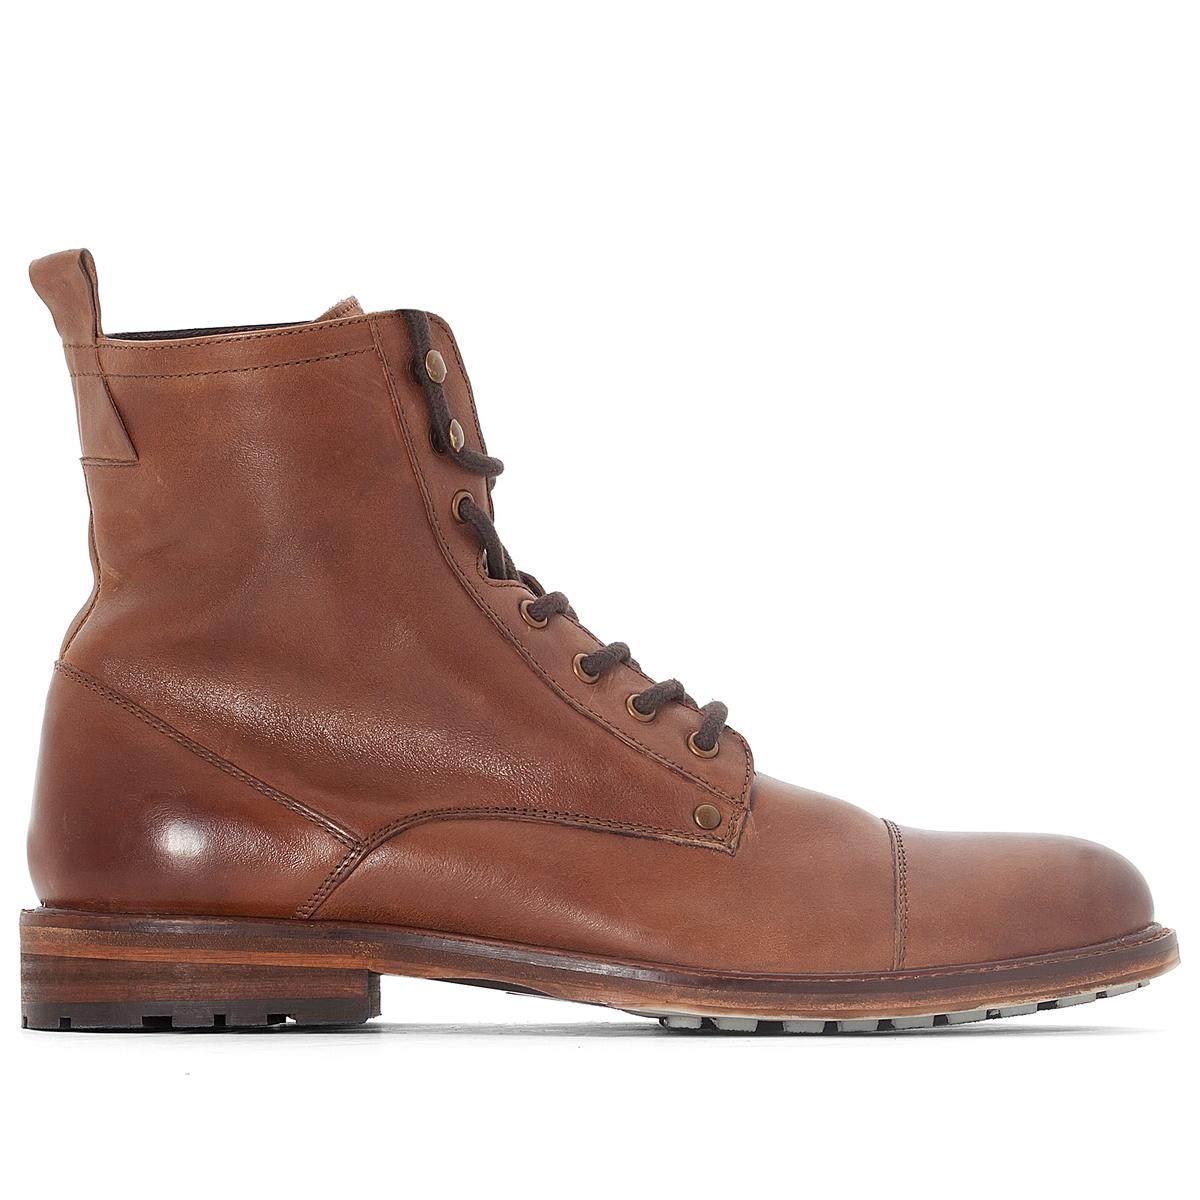 Ботинки кожаныеДетали •  Высота каблука : 0 см •  Застежка : без застежки •  Круглый мысок •  Велюровая отделка, нубукСостав и уход •  Верх 100% кожа •  Подкладка 100% текстиль<br><br>Цвет: каштановый<br>Размер: 42